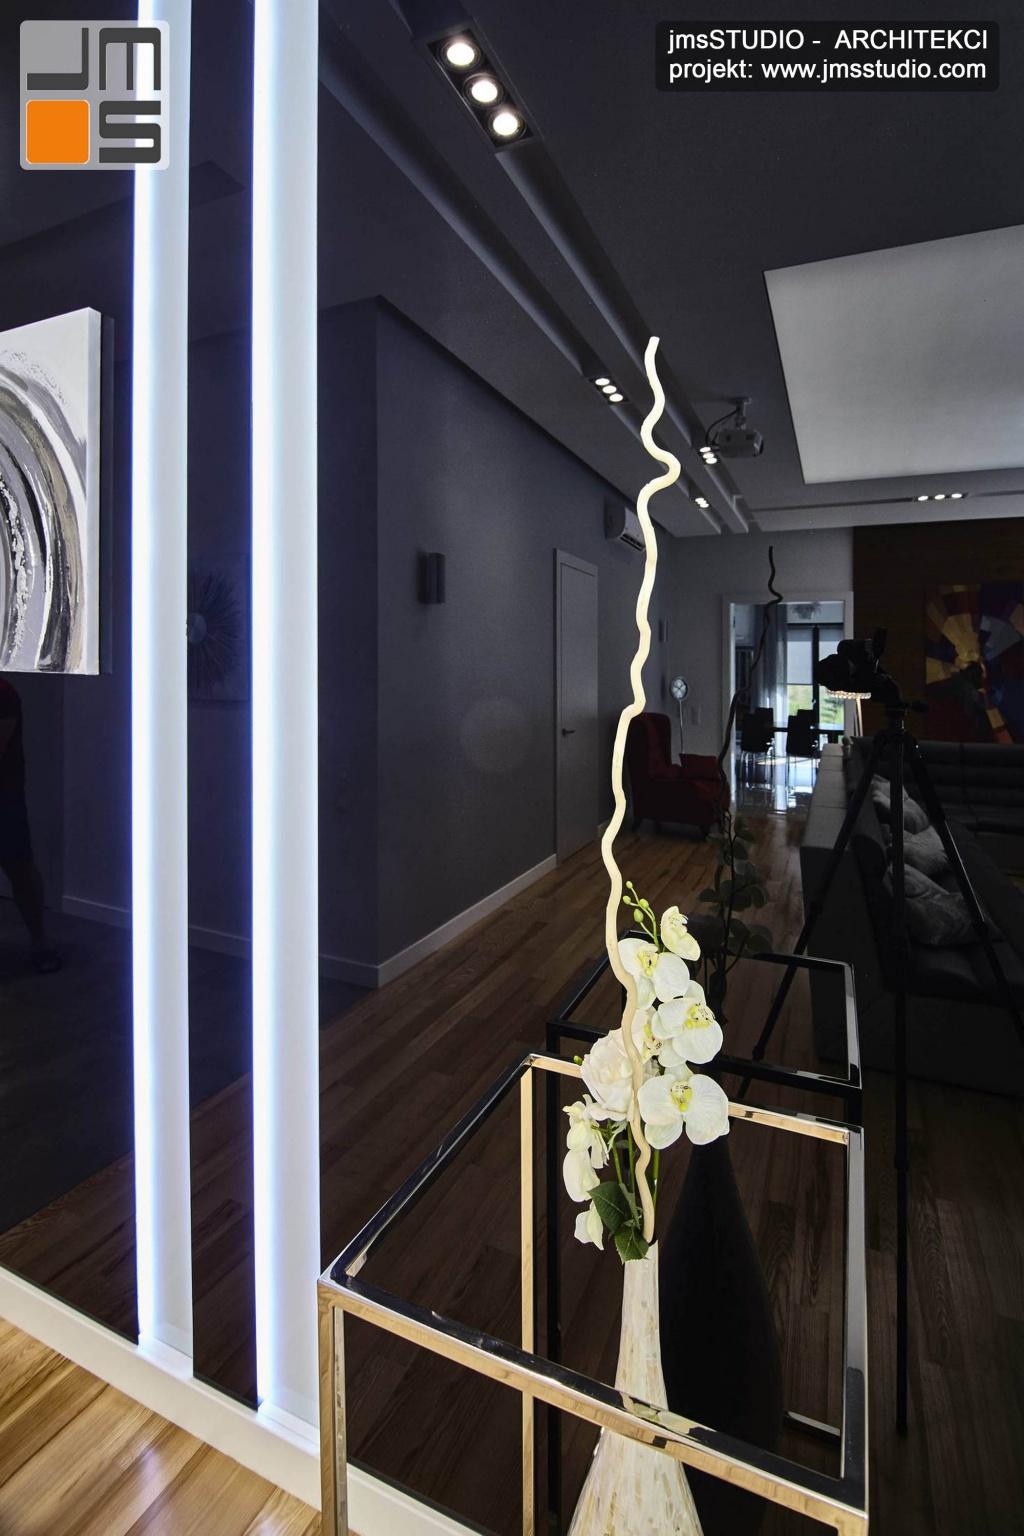 2018 06 w bardzo dużej tafli czarnego lakierowanego szkła na ścianie odbija się projekt wnętrz pięknego salonu w domu pod Poznaniem